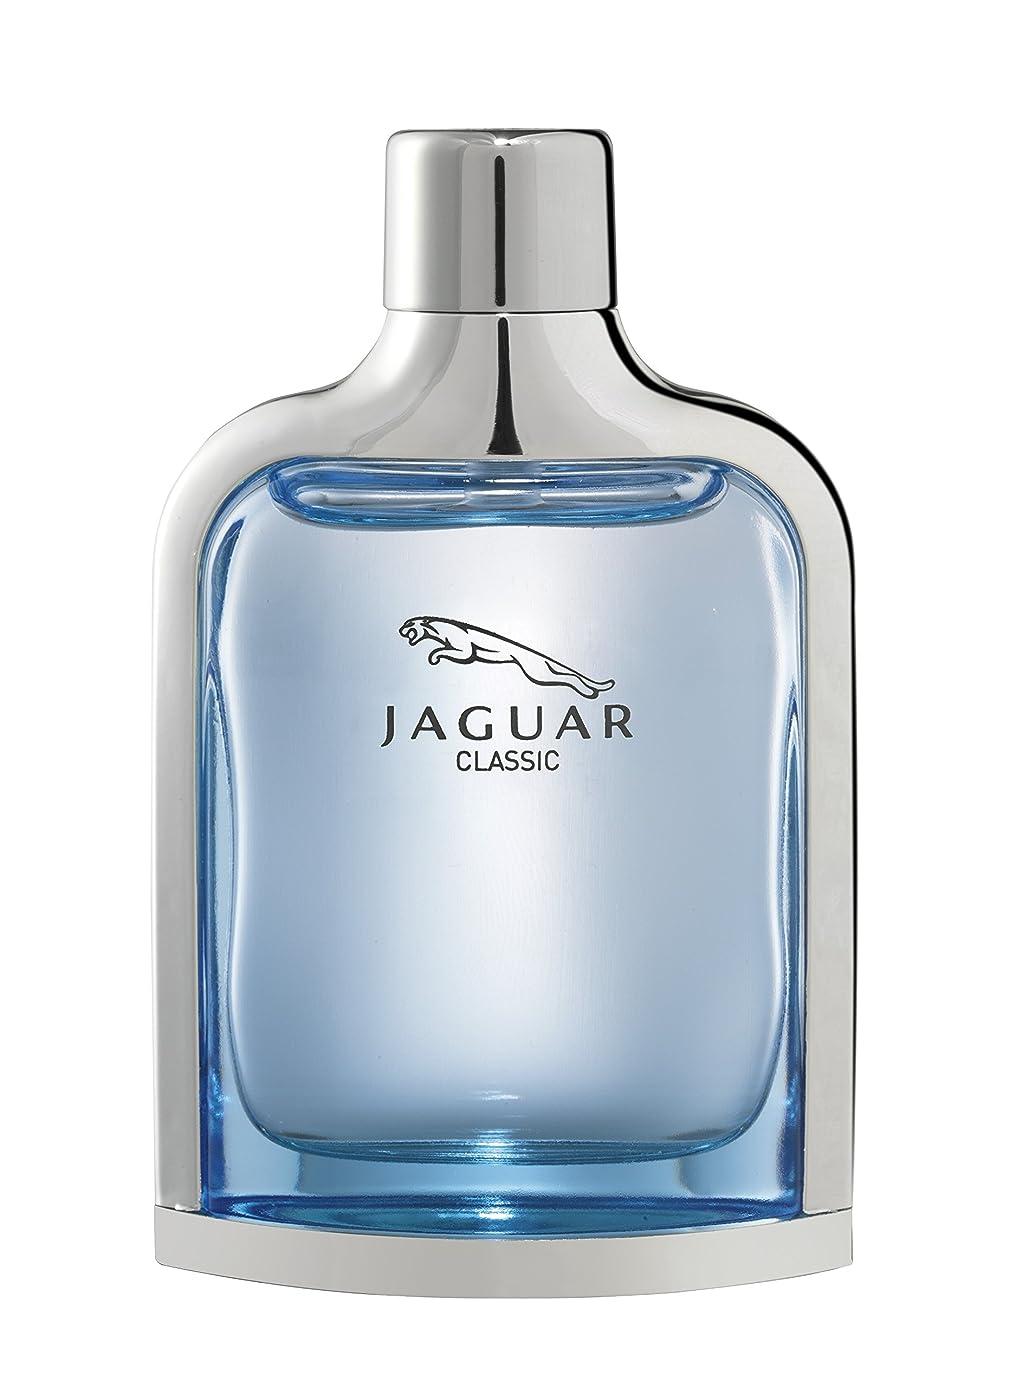 信じられない悪意のある傾向があるジャガー ジャガークラシック オードトワレ 40mL